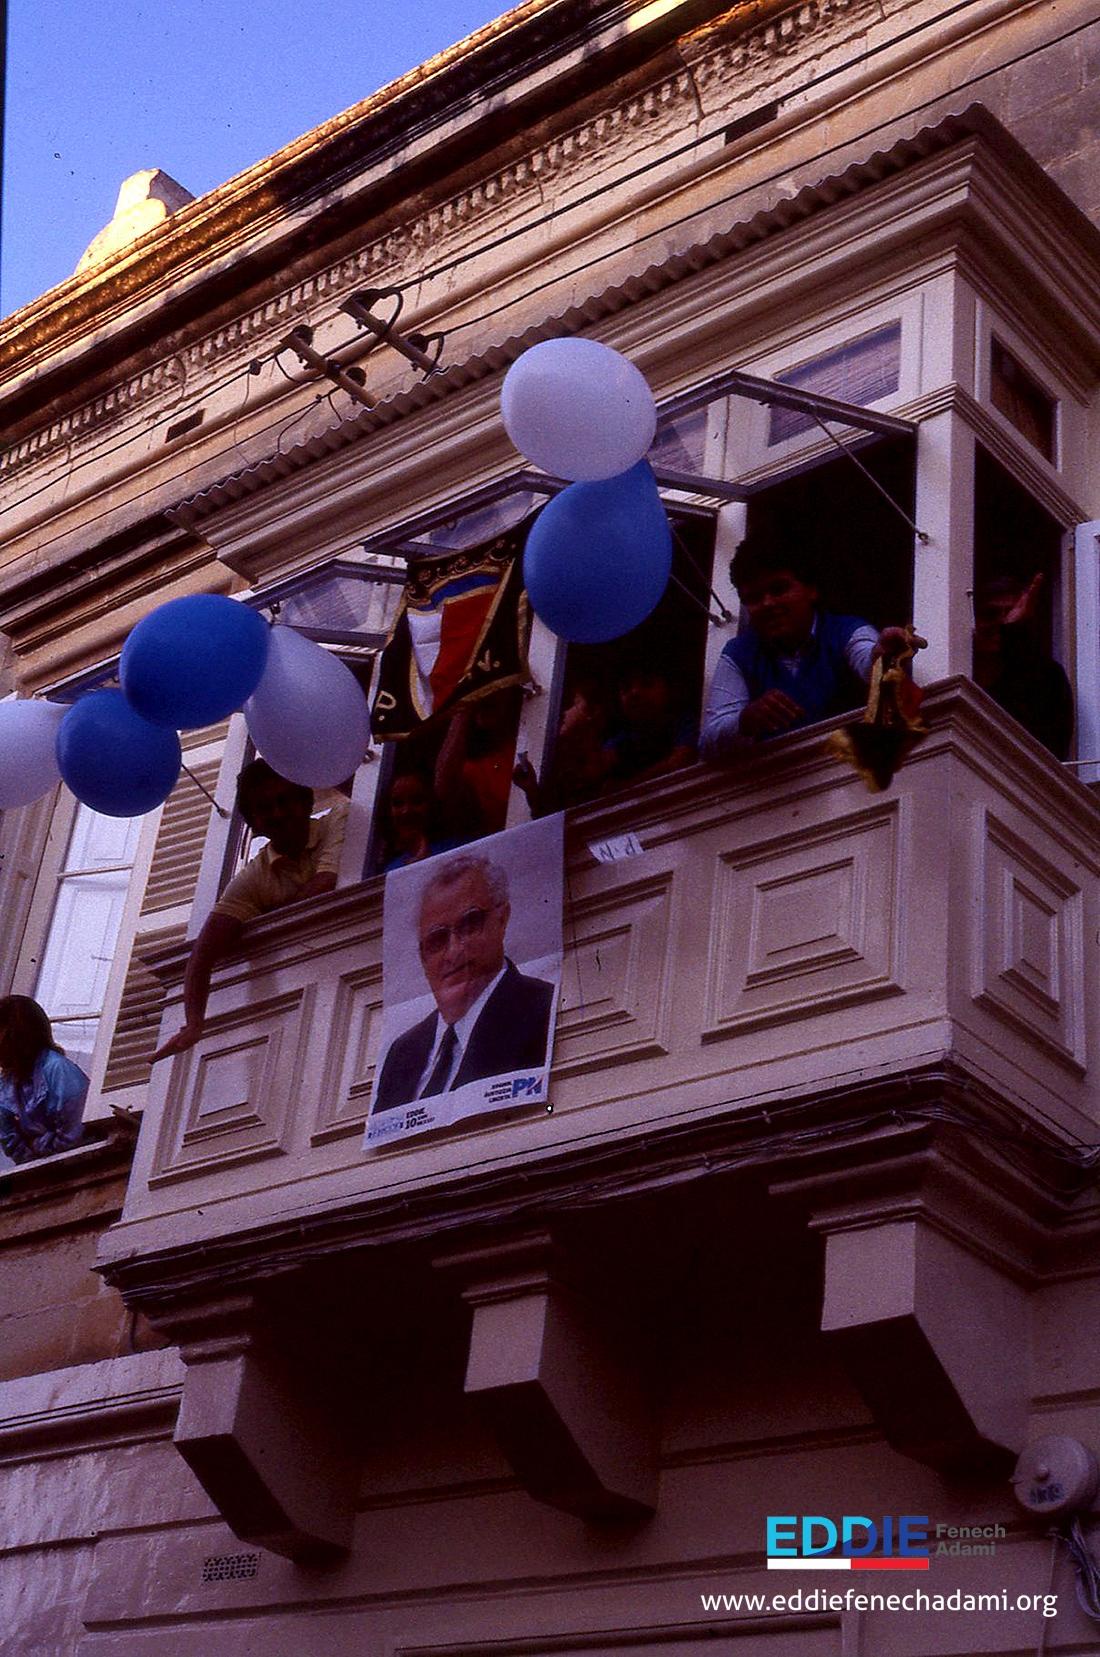 www.eddiefenechadami.org0098